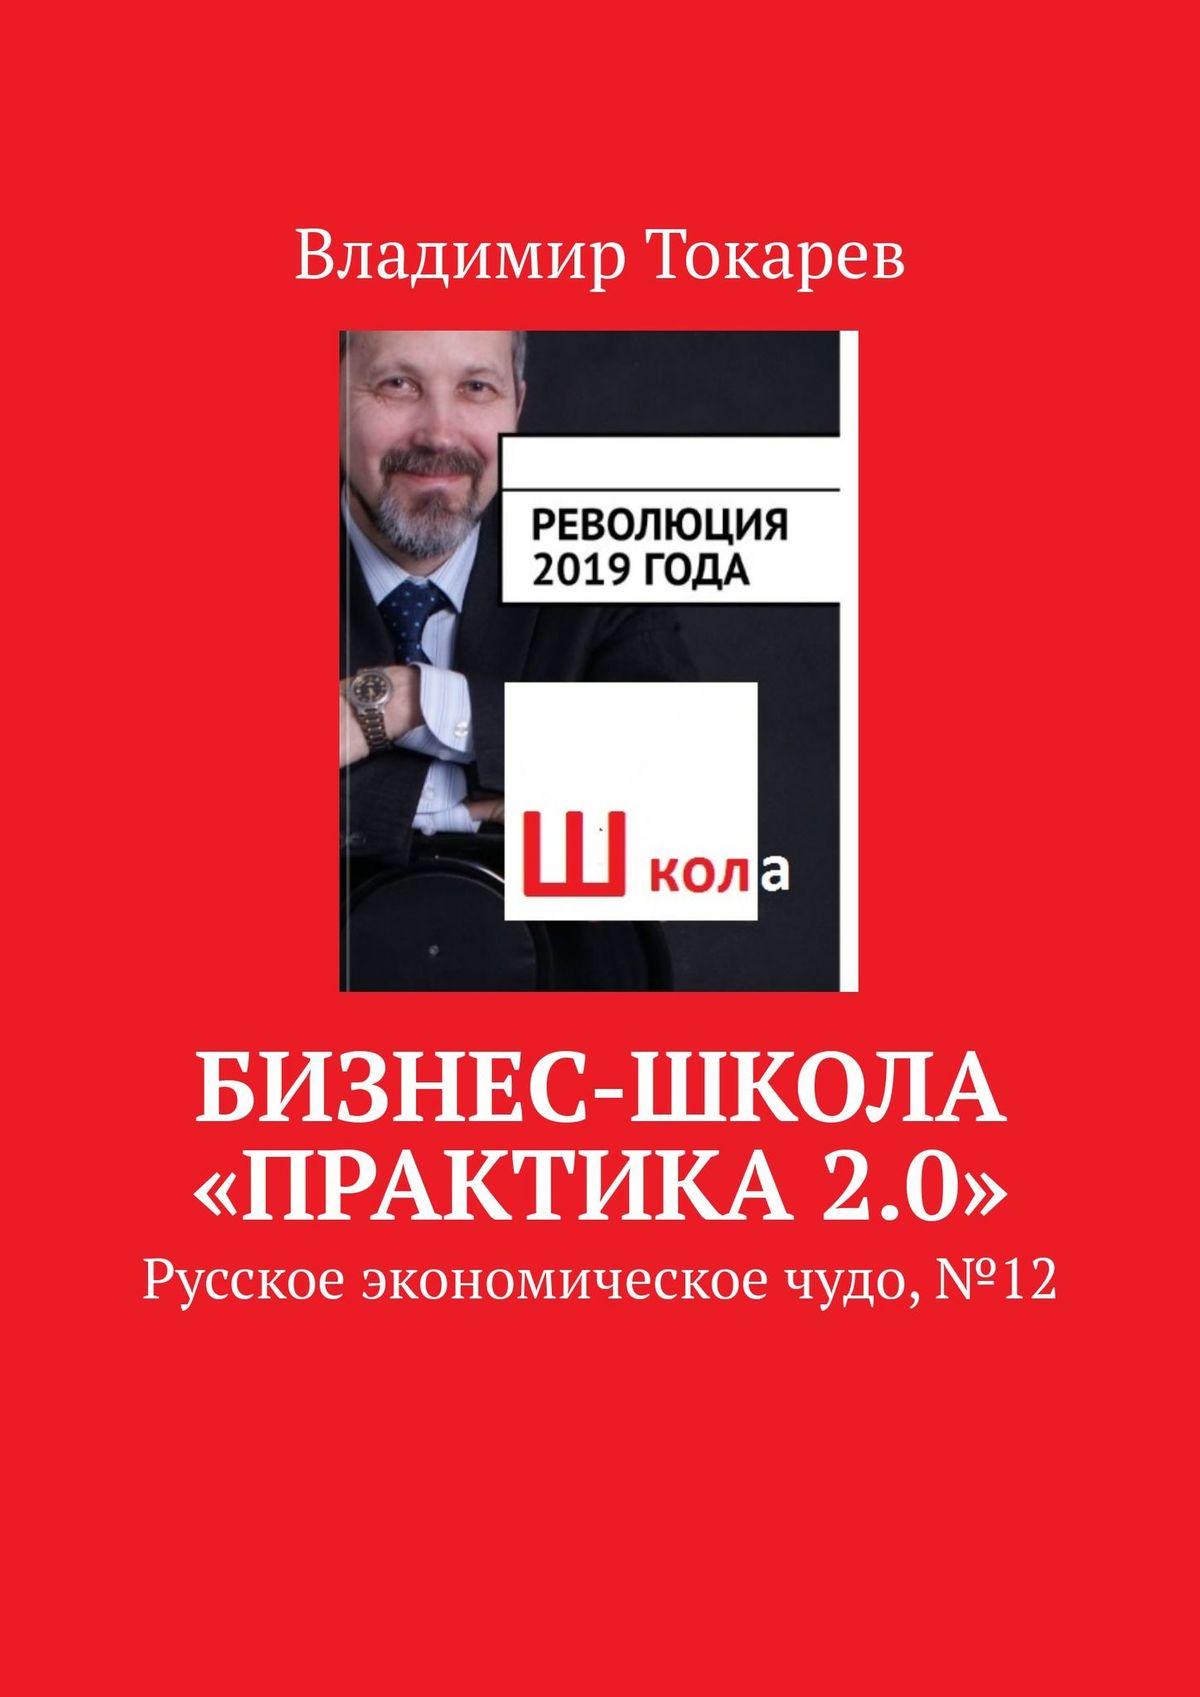 Владимир Токарев Бизнес-школа «Практика2.0». Специальный выпуск – 3 союз наша победа специальный выпуск